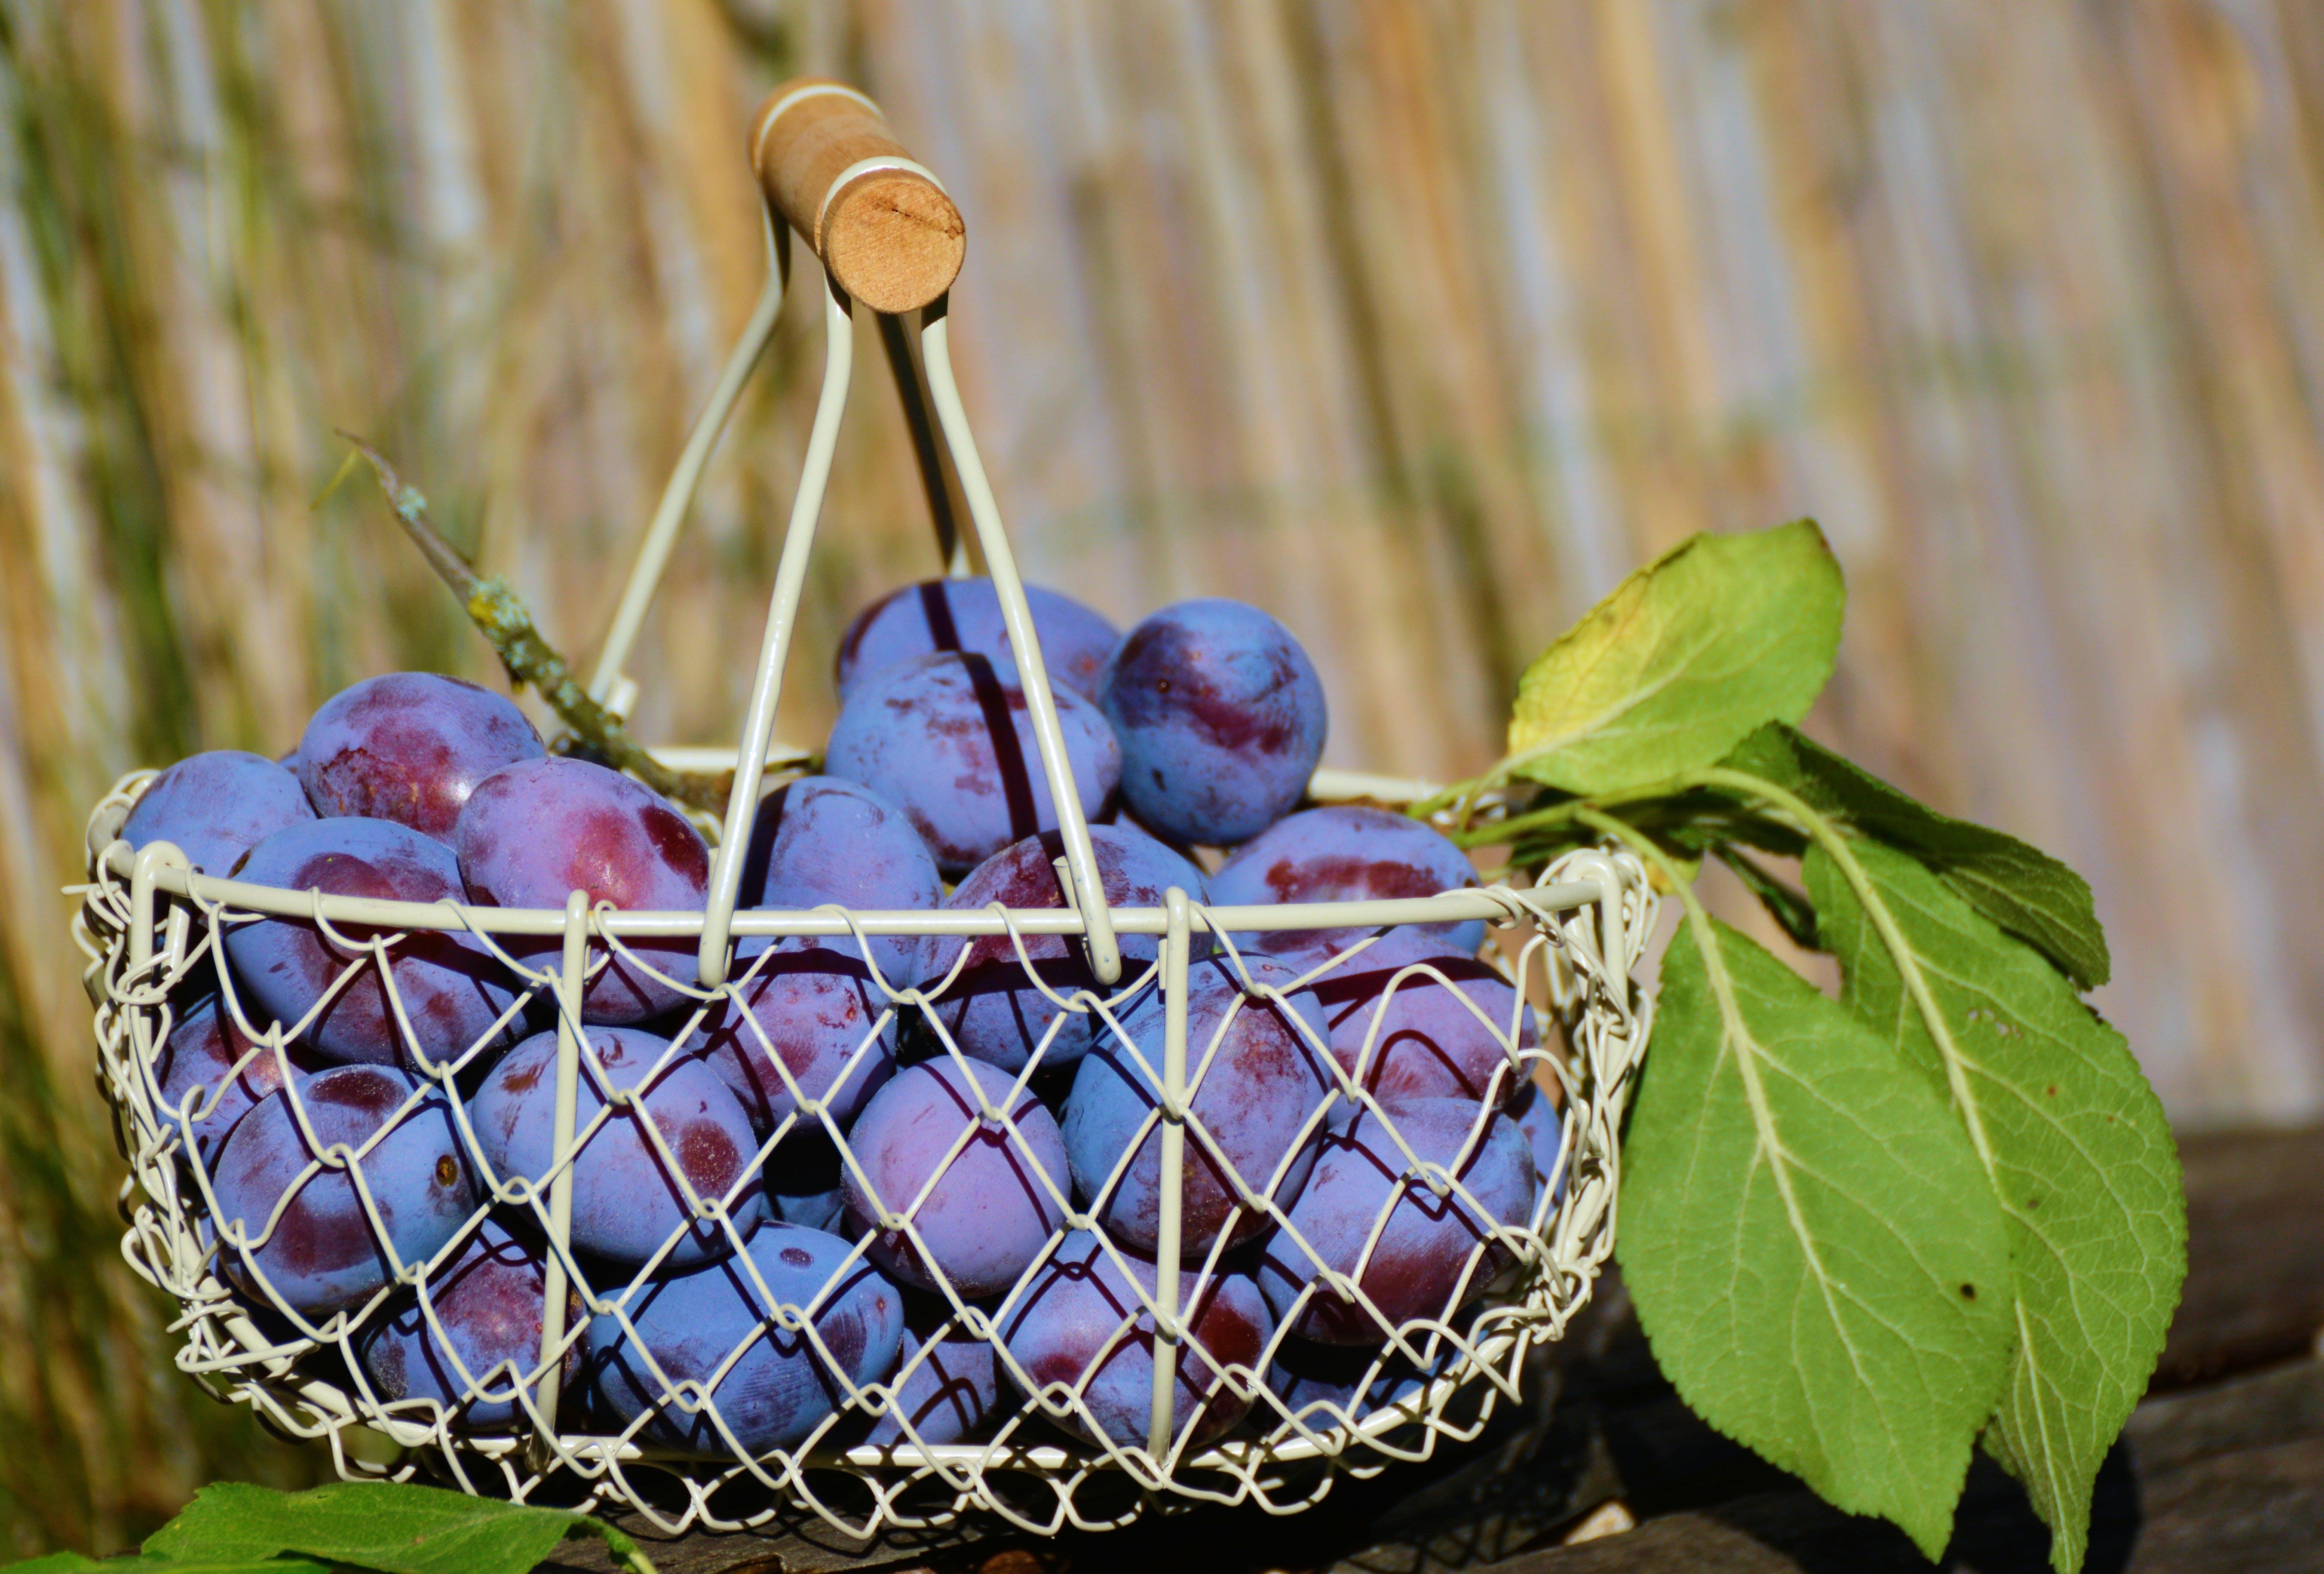 Purple Grape Fruits in White Steel Basket